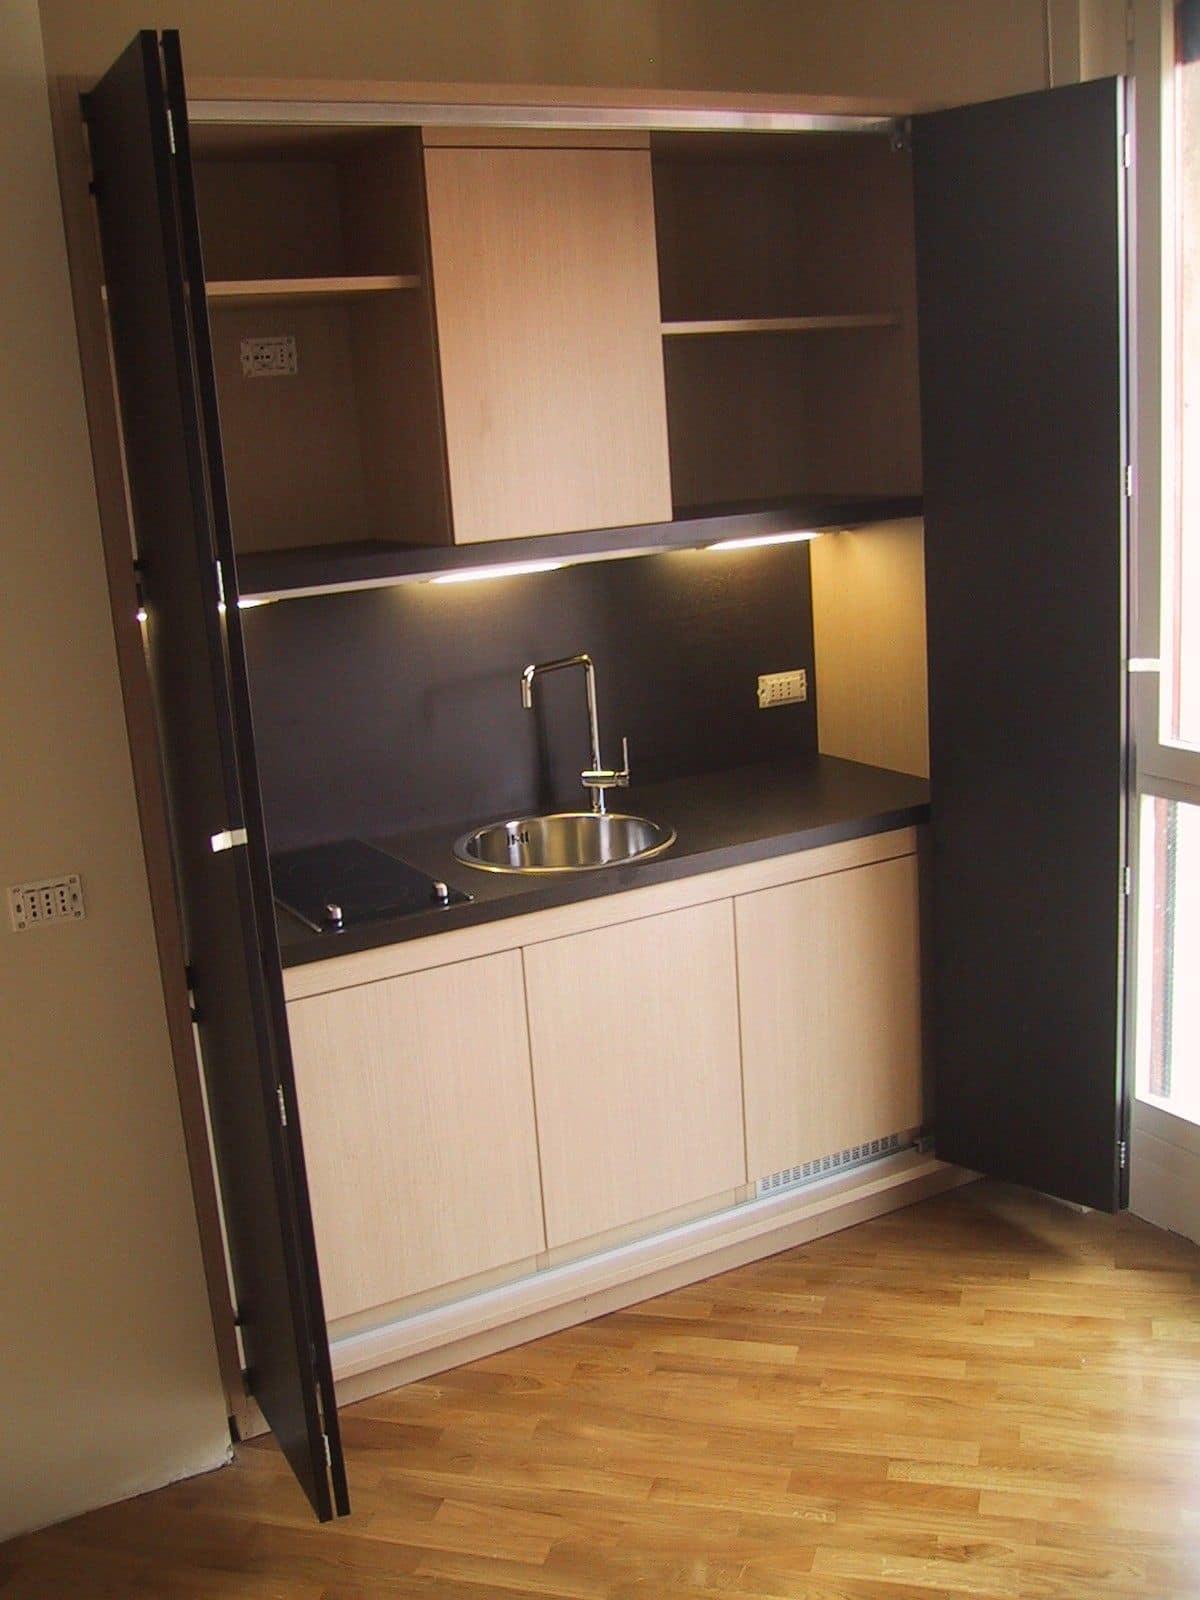 Cucina a scomparsa per piccoli ambienti funzionale su - Cucine in linea moderne ...